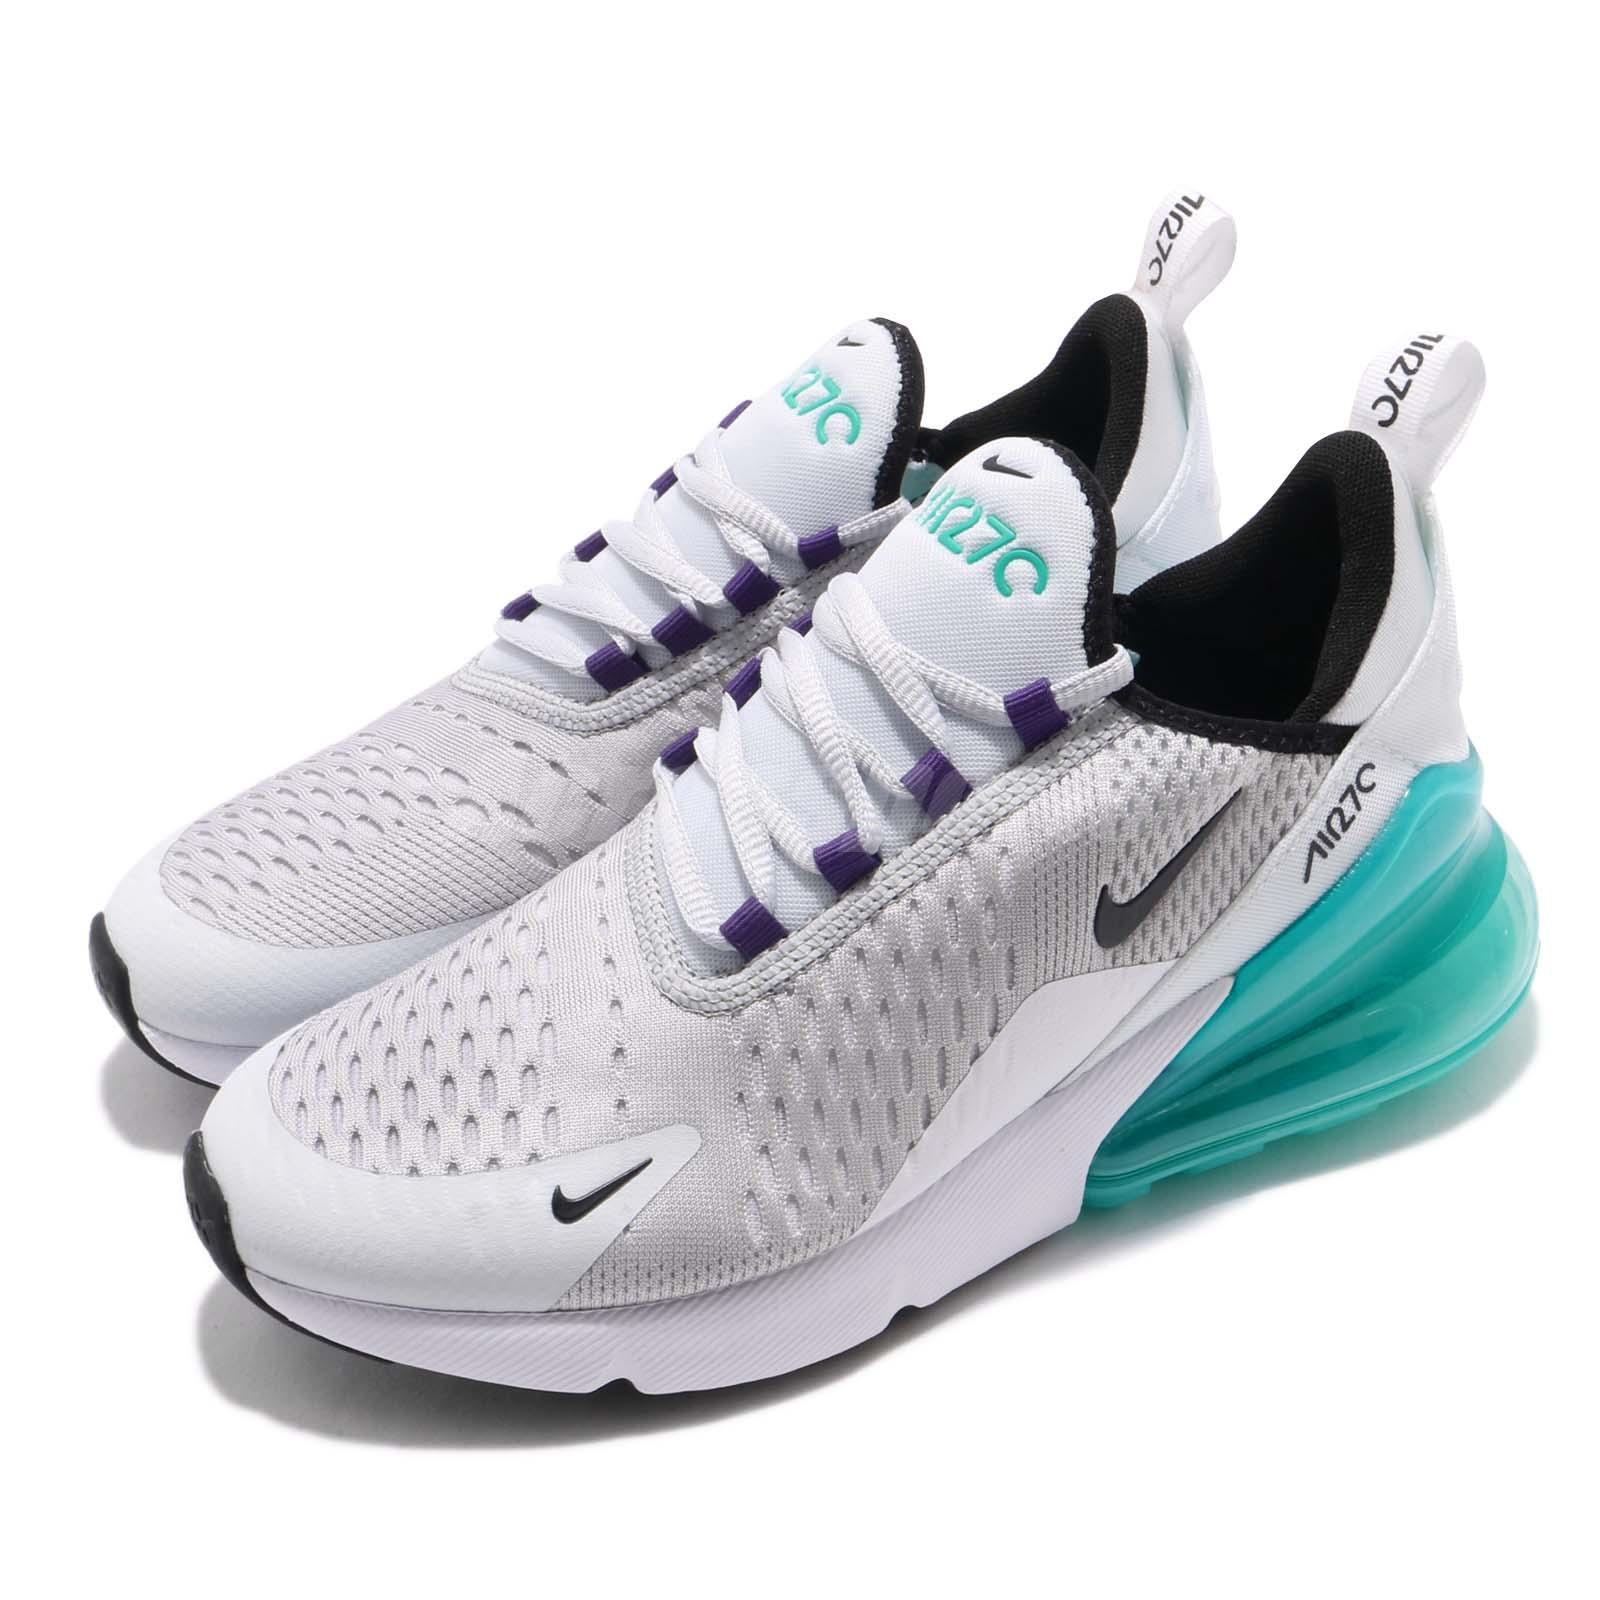 Detalles acerca de Nike Air Max 270 grade school Pure Platinum Hyper Jade Niño Mujeres Zapatillas Para Correr 943345 010 mostrar título original